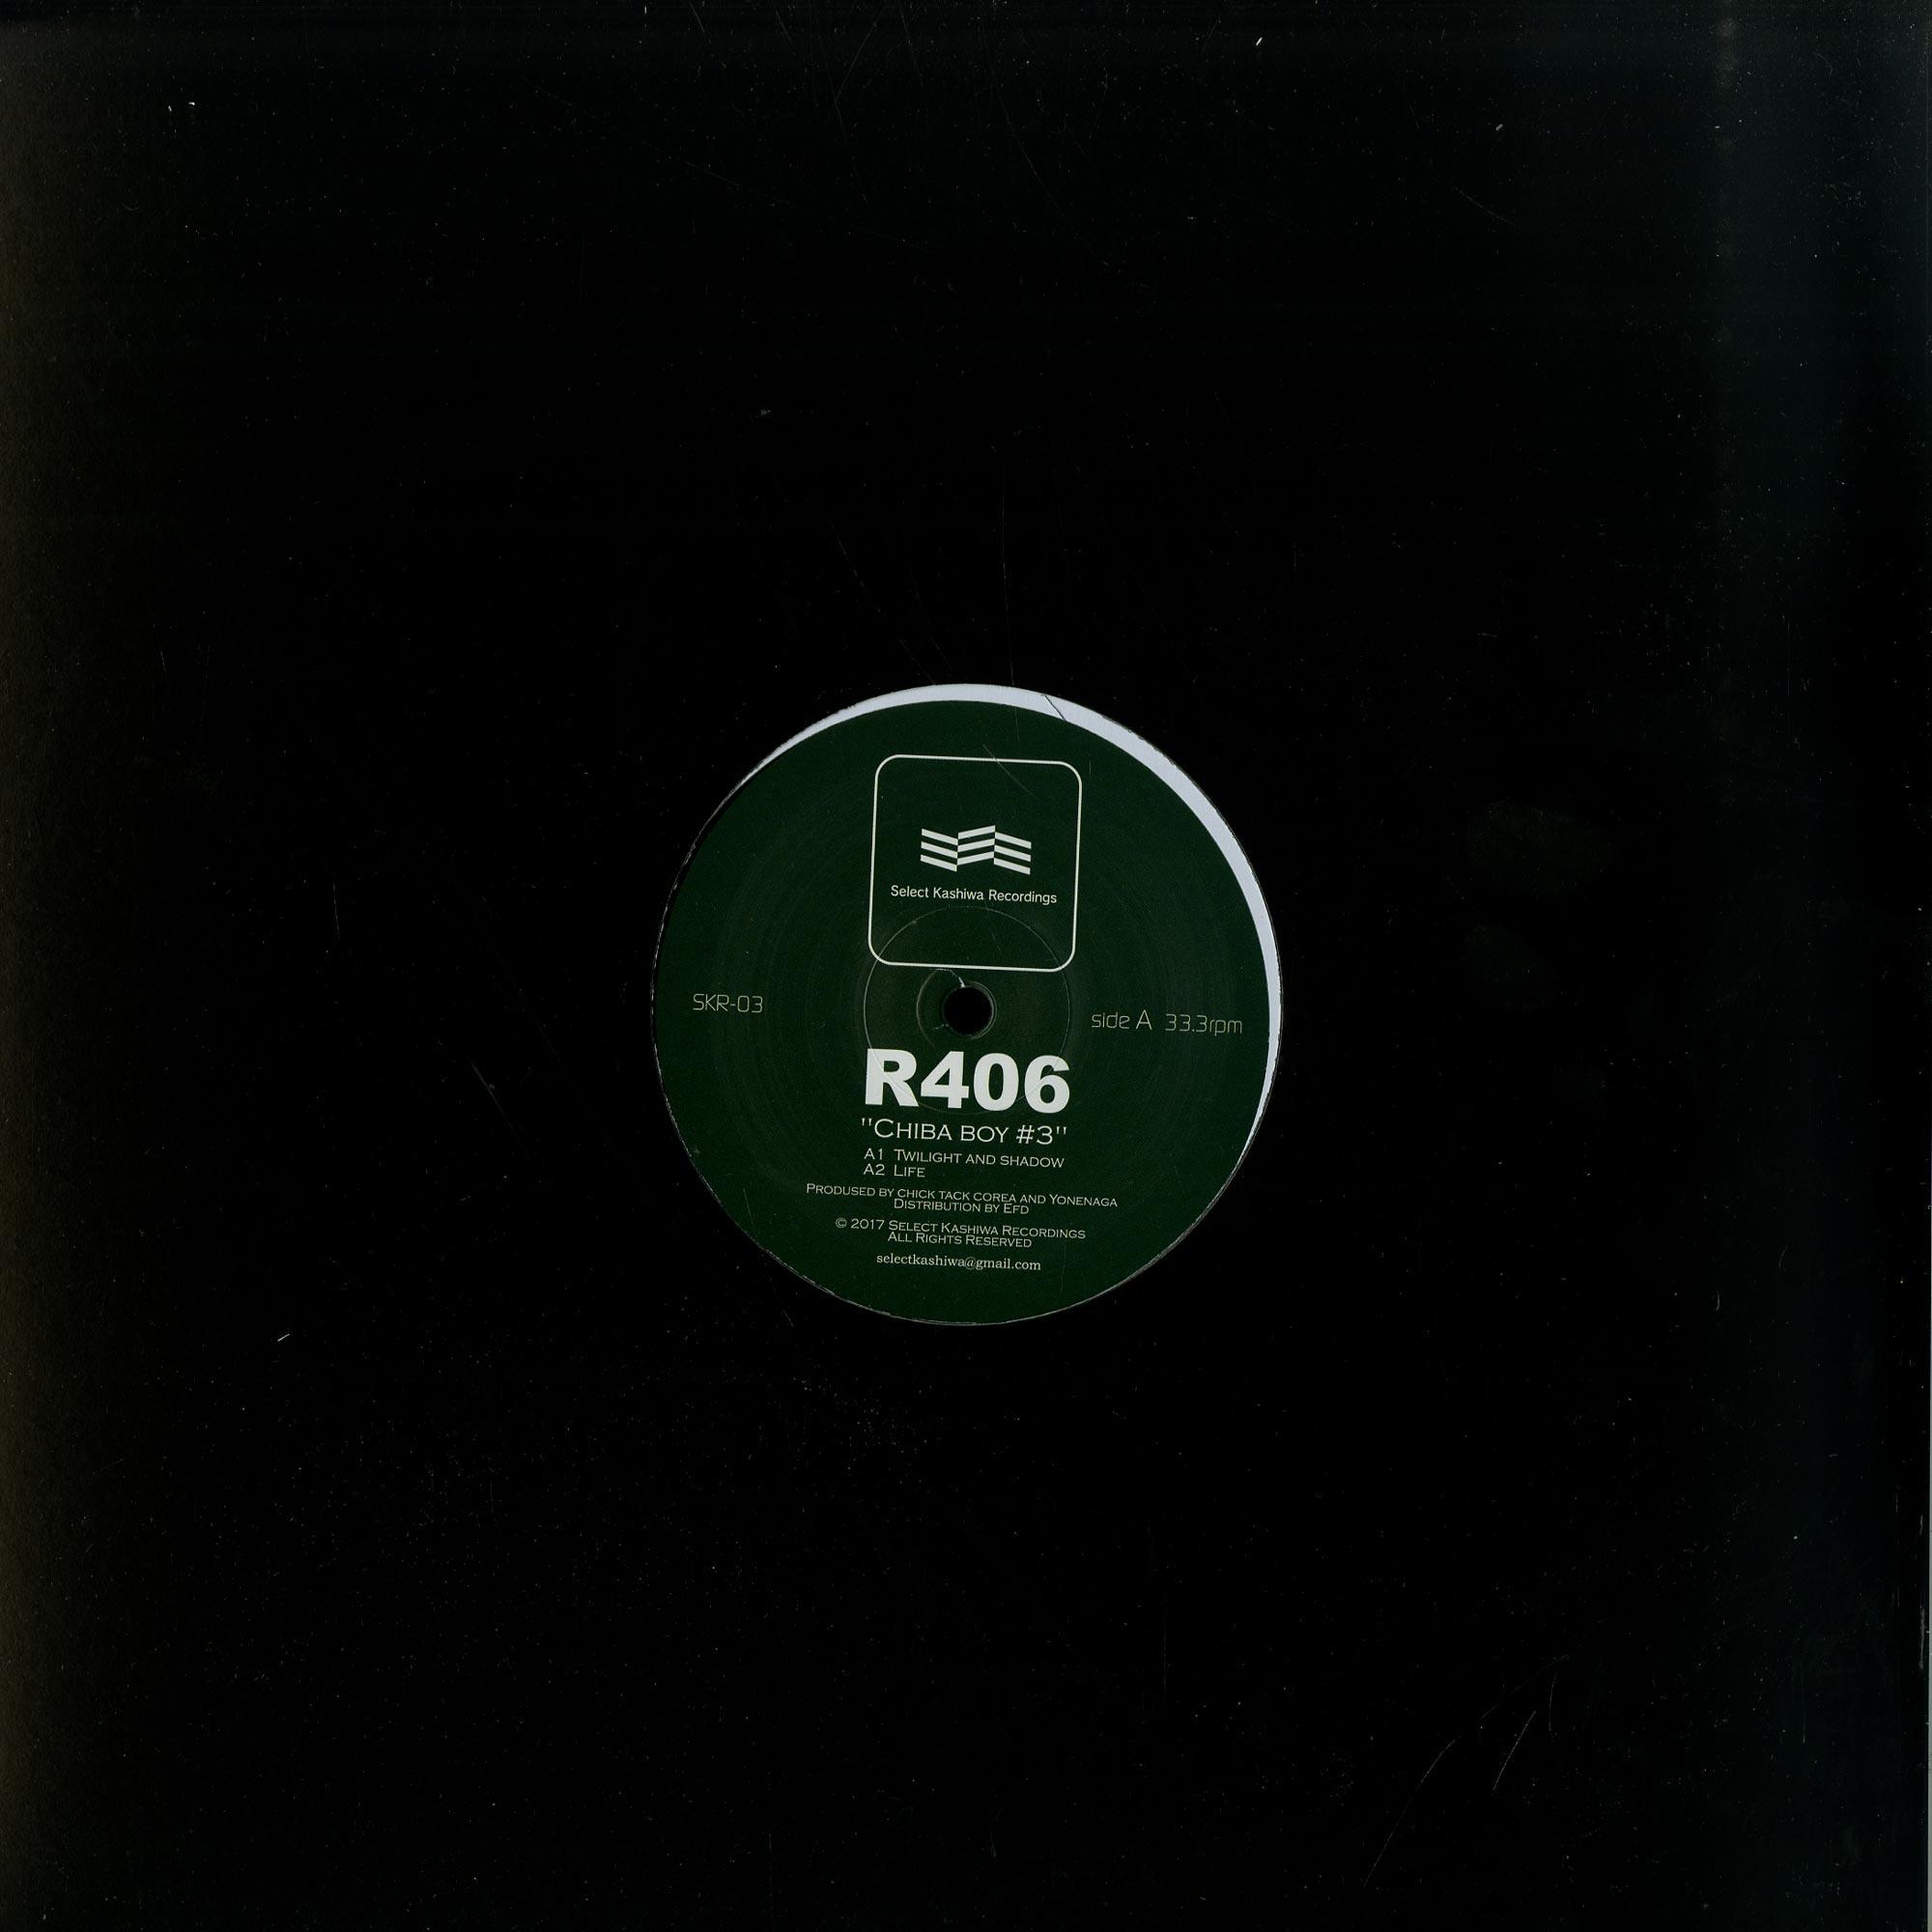 R406 - CHIBA BOY #3